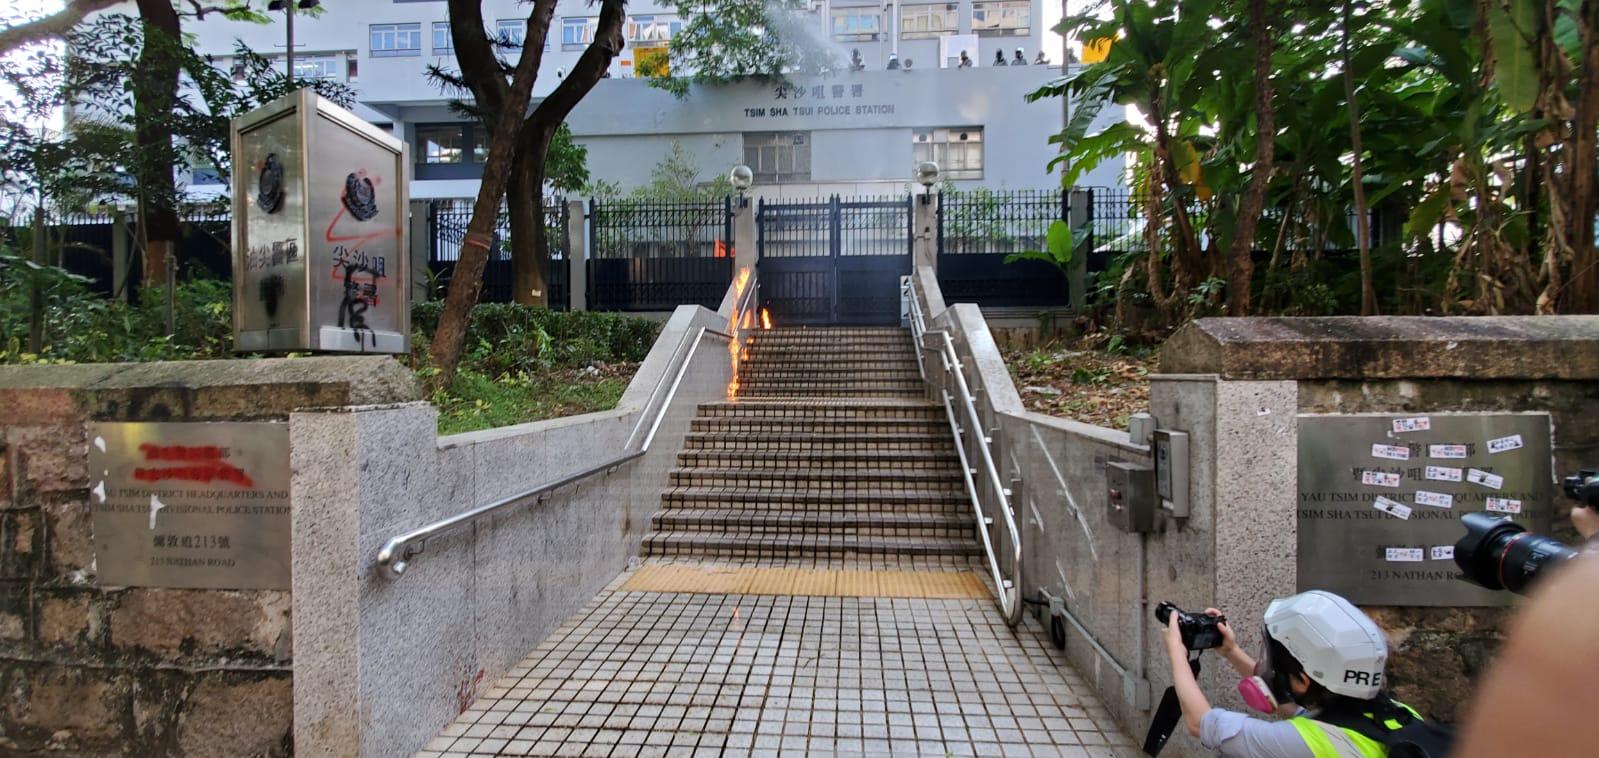 尖沙咀警署門外梯級有人掟燃燒彈。